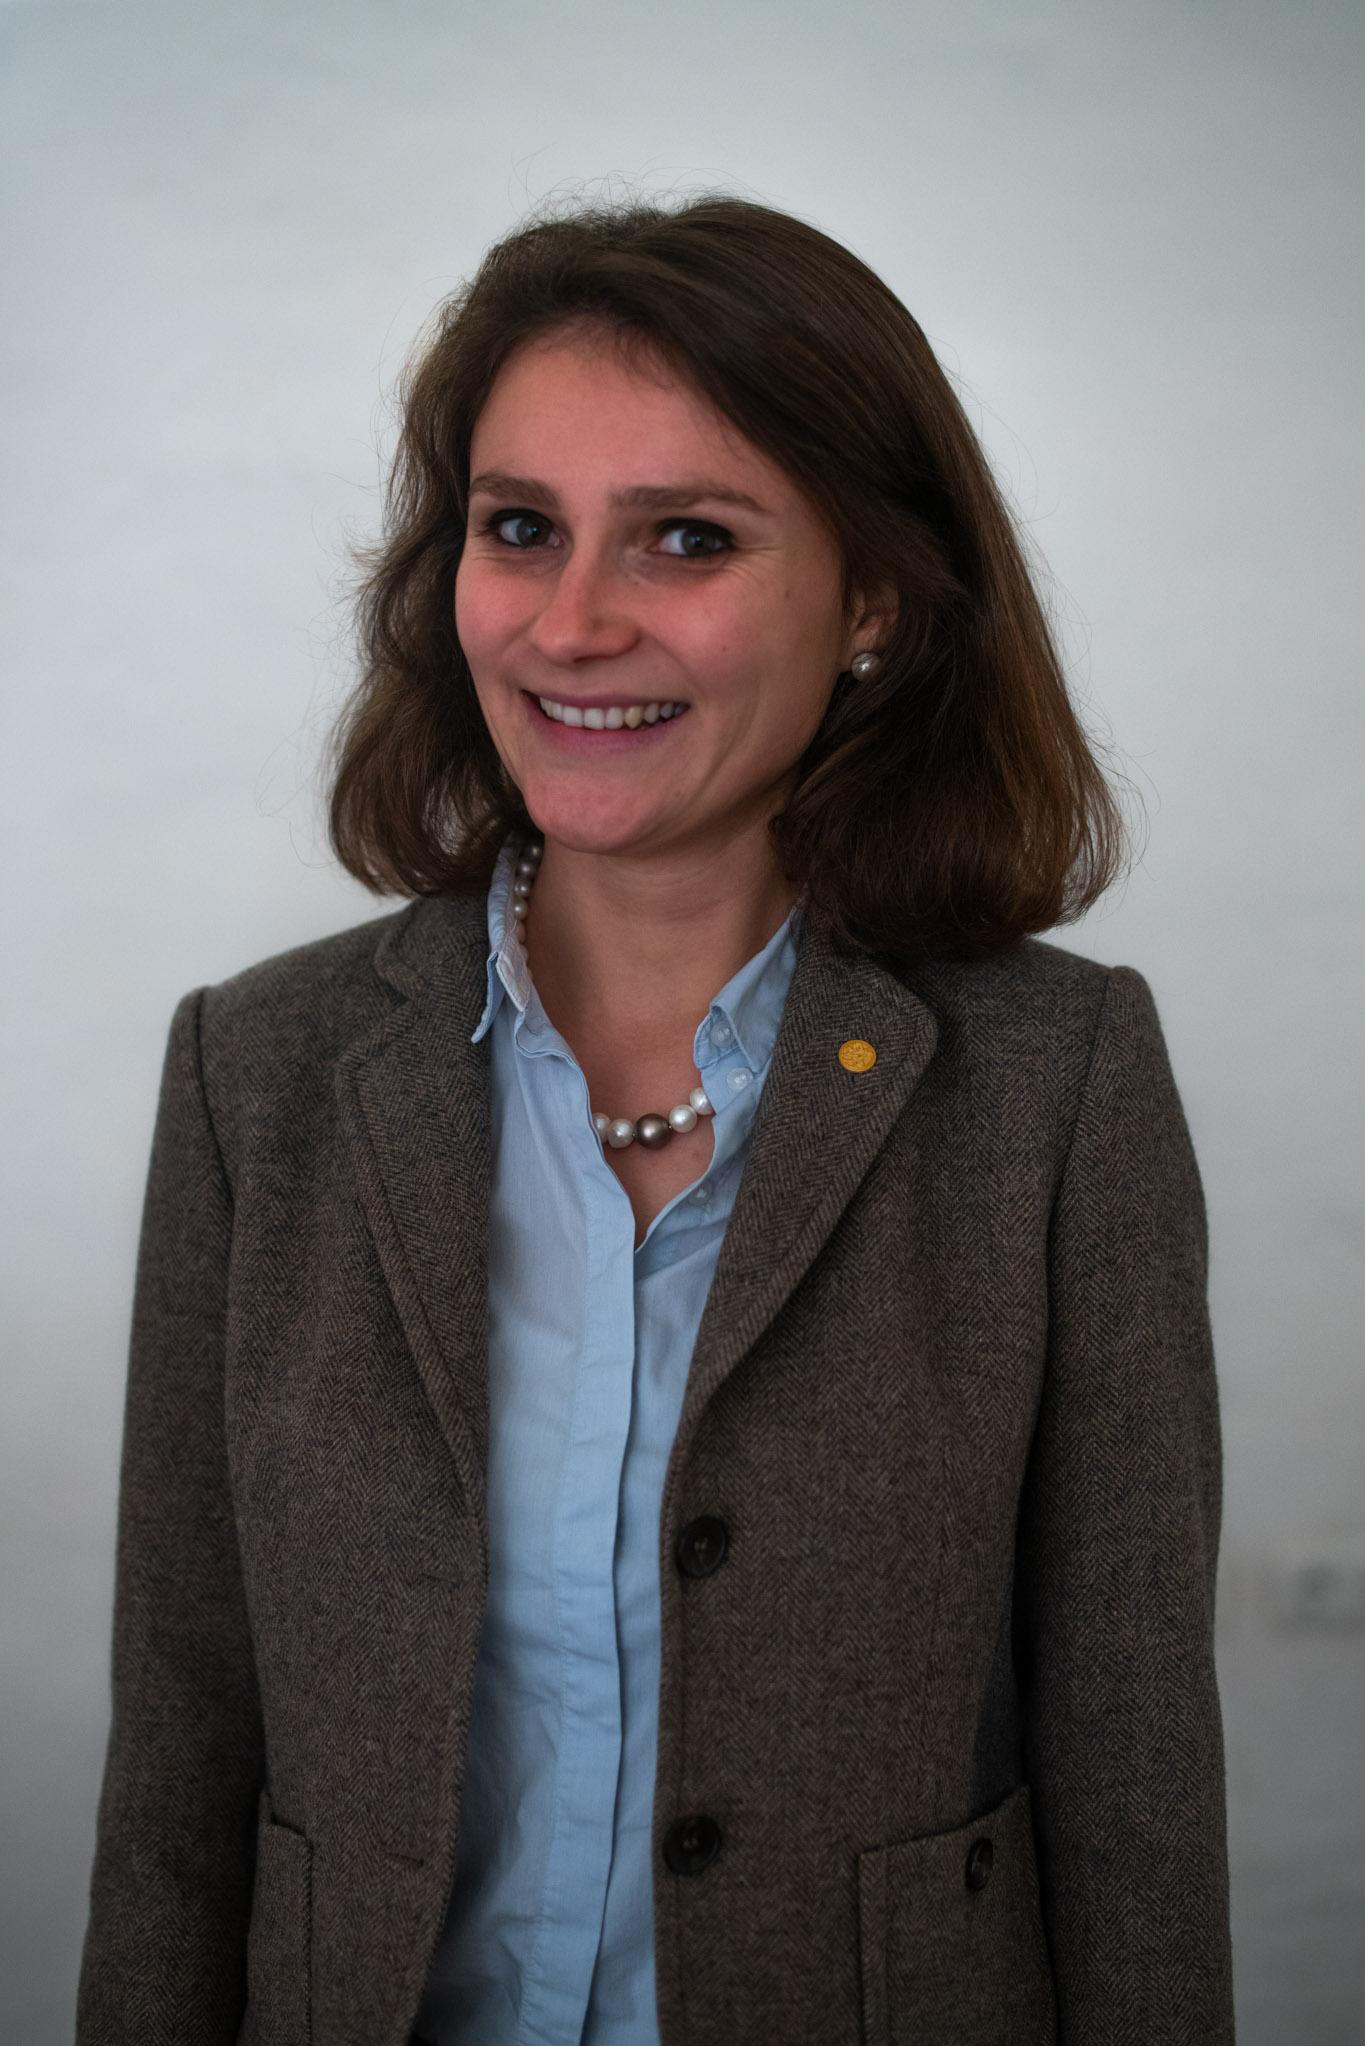 Anna Márcia Bergmann